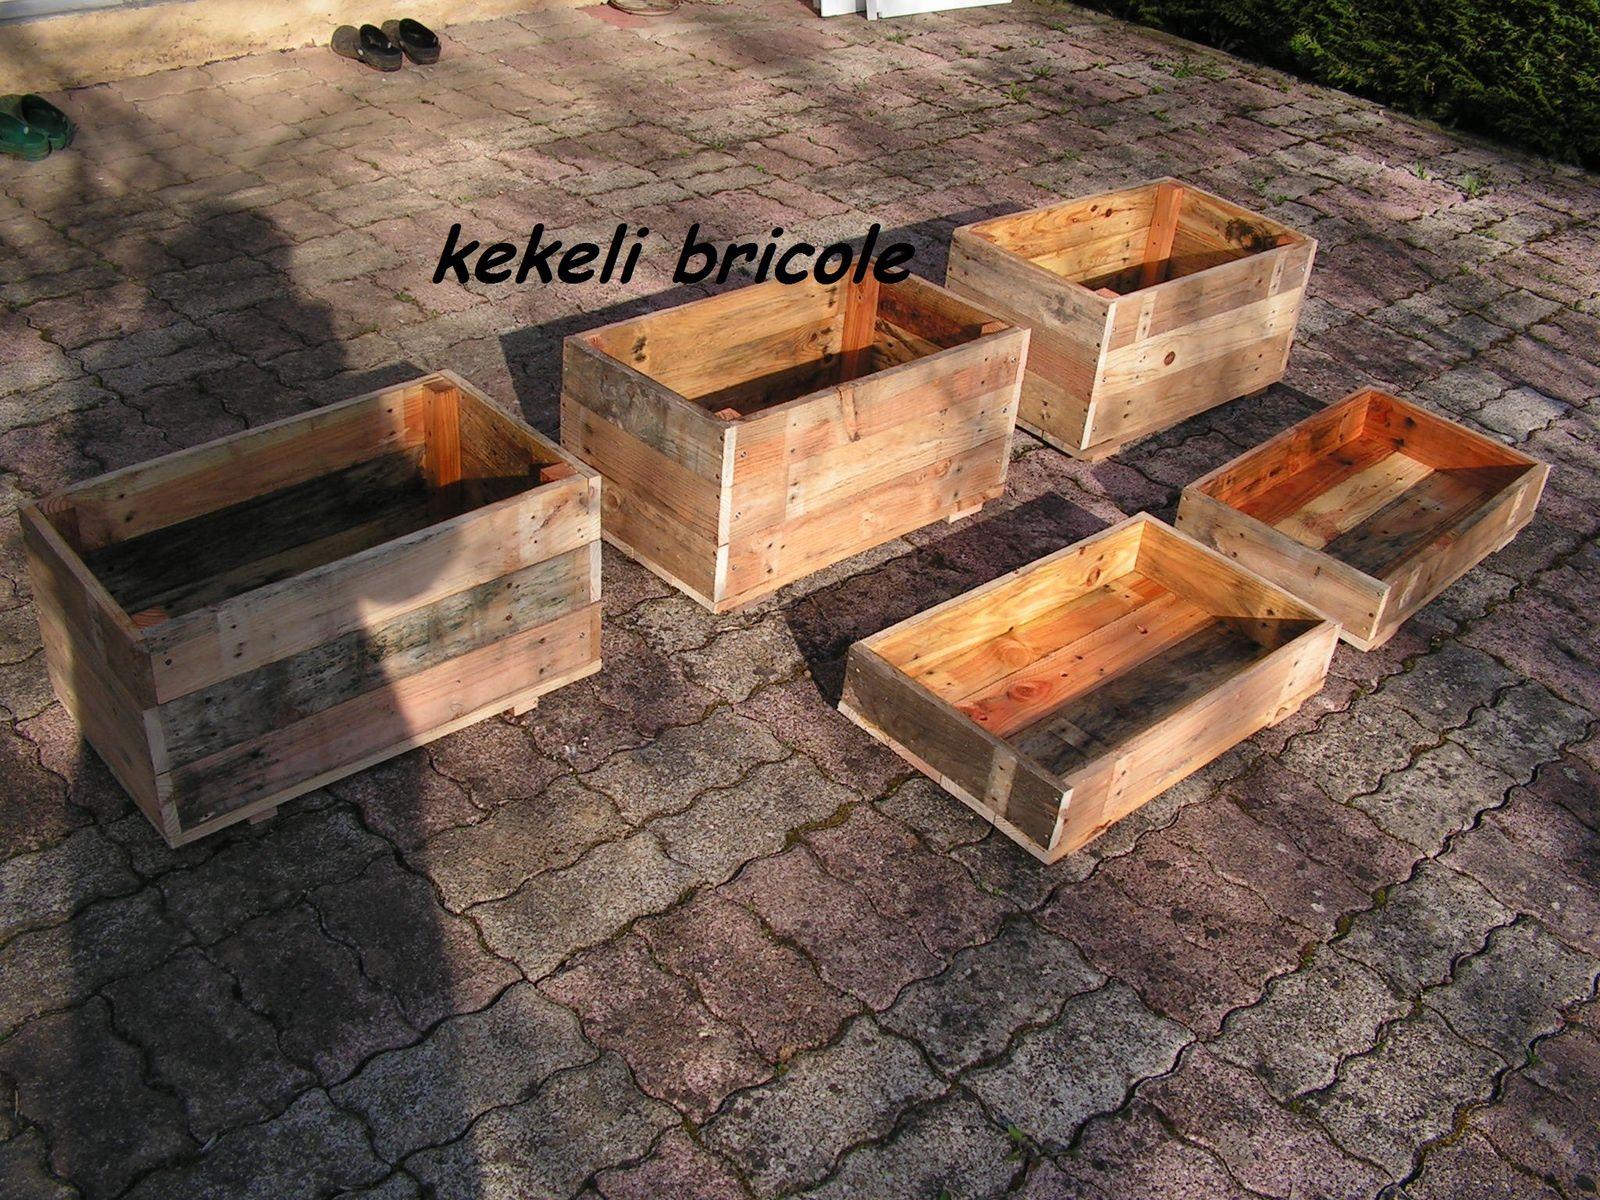 Planter Dans Une Caisse En Bois caisse en bois - kekeli bricole